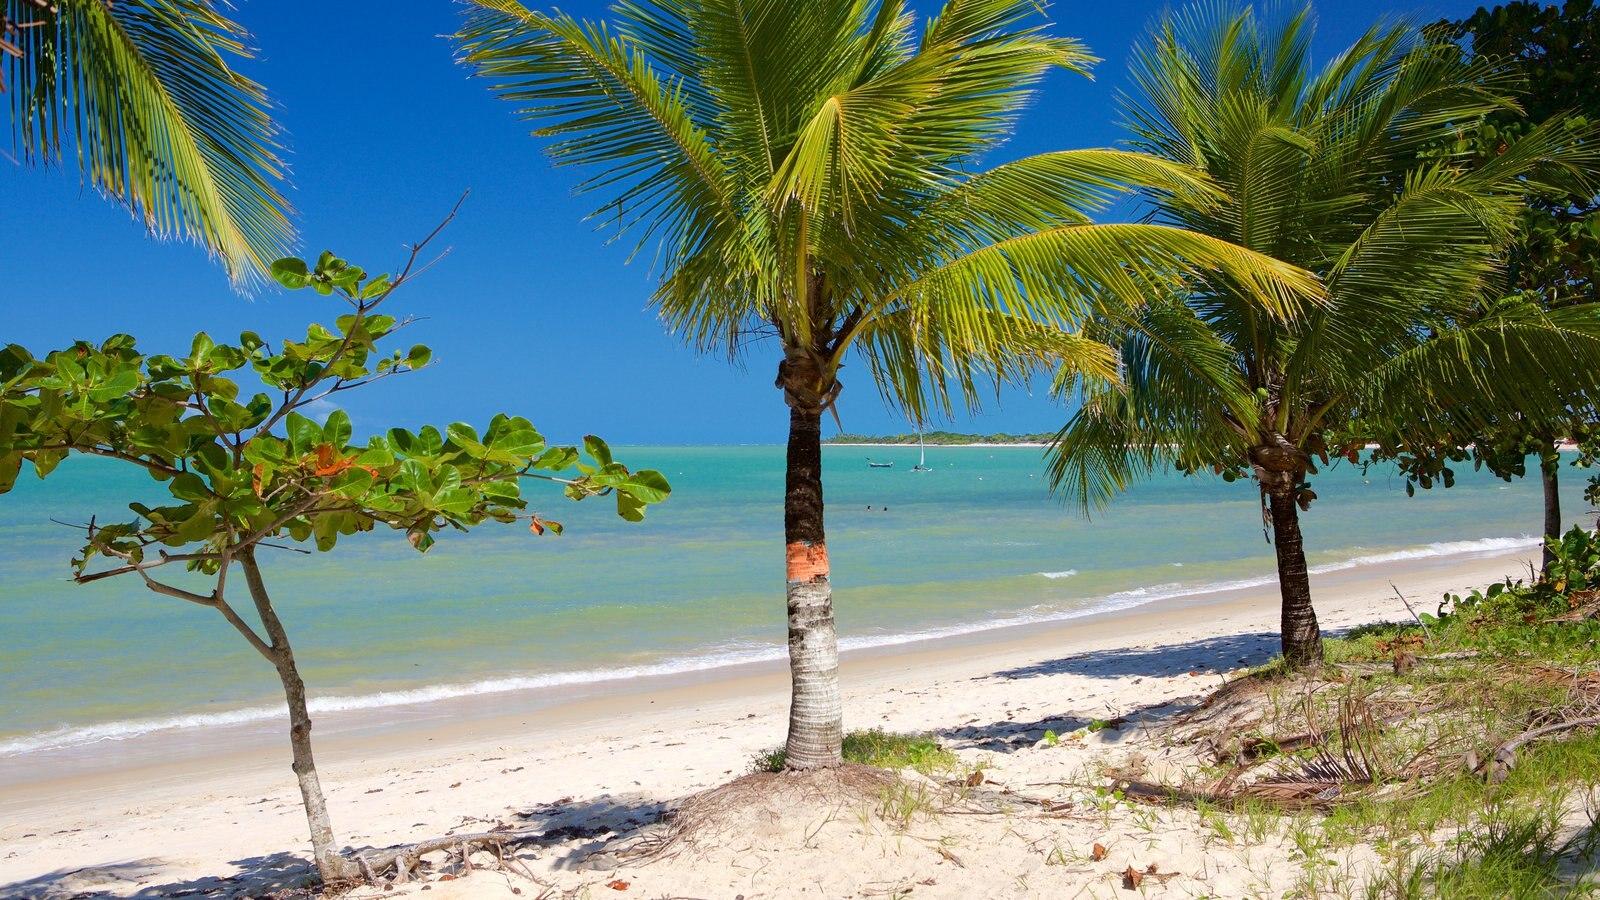 Praia do Mutá mostrando uma praia, cenas tropicais e paisagens litorâneas